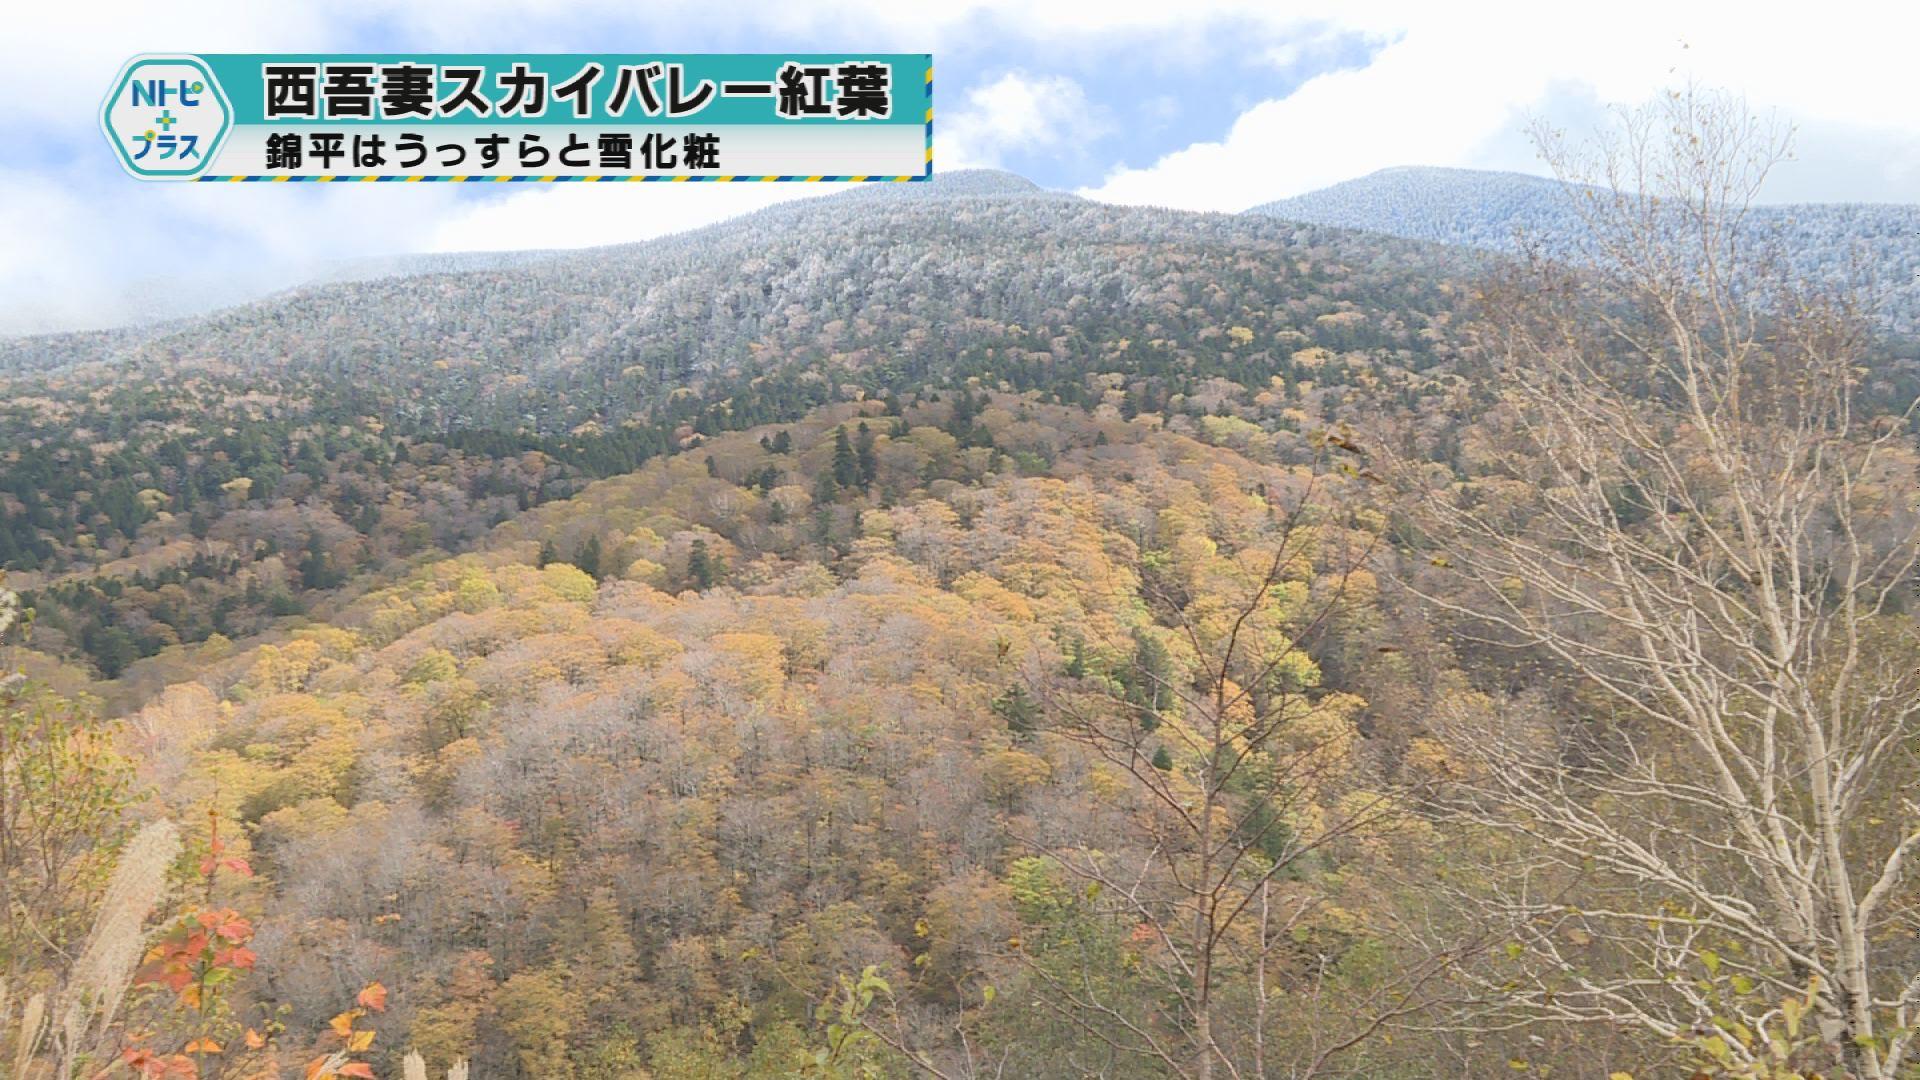 「西吾妻スカイバレー紅葉」錦平はうっすらと雪化粧